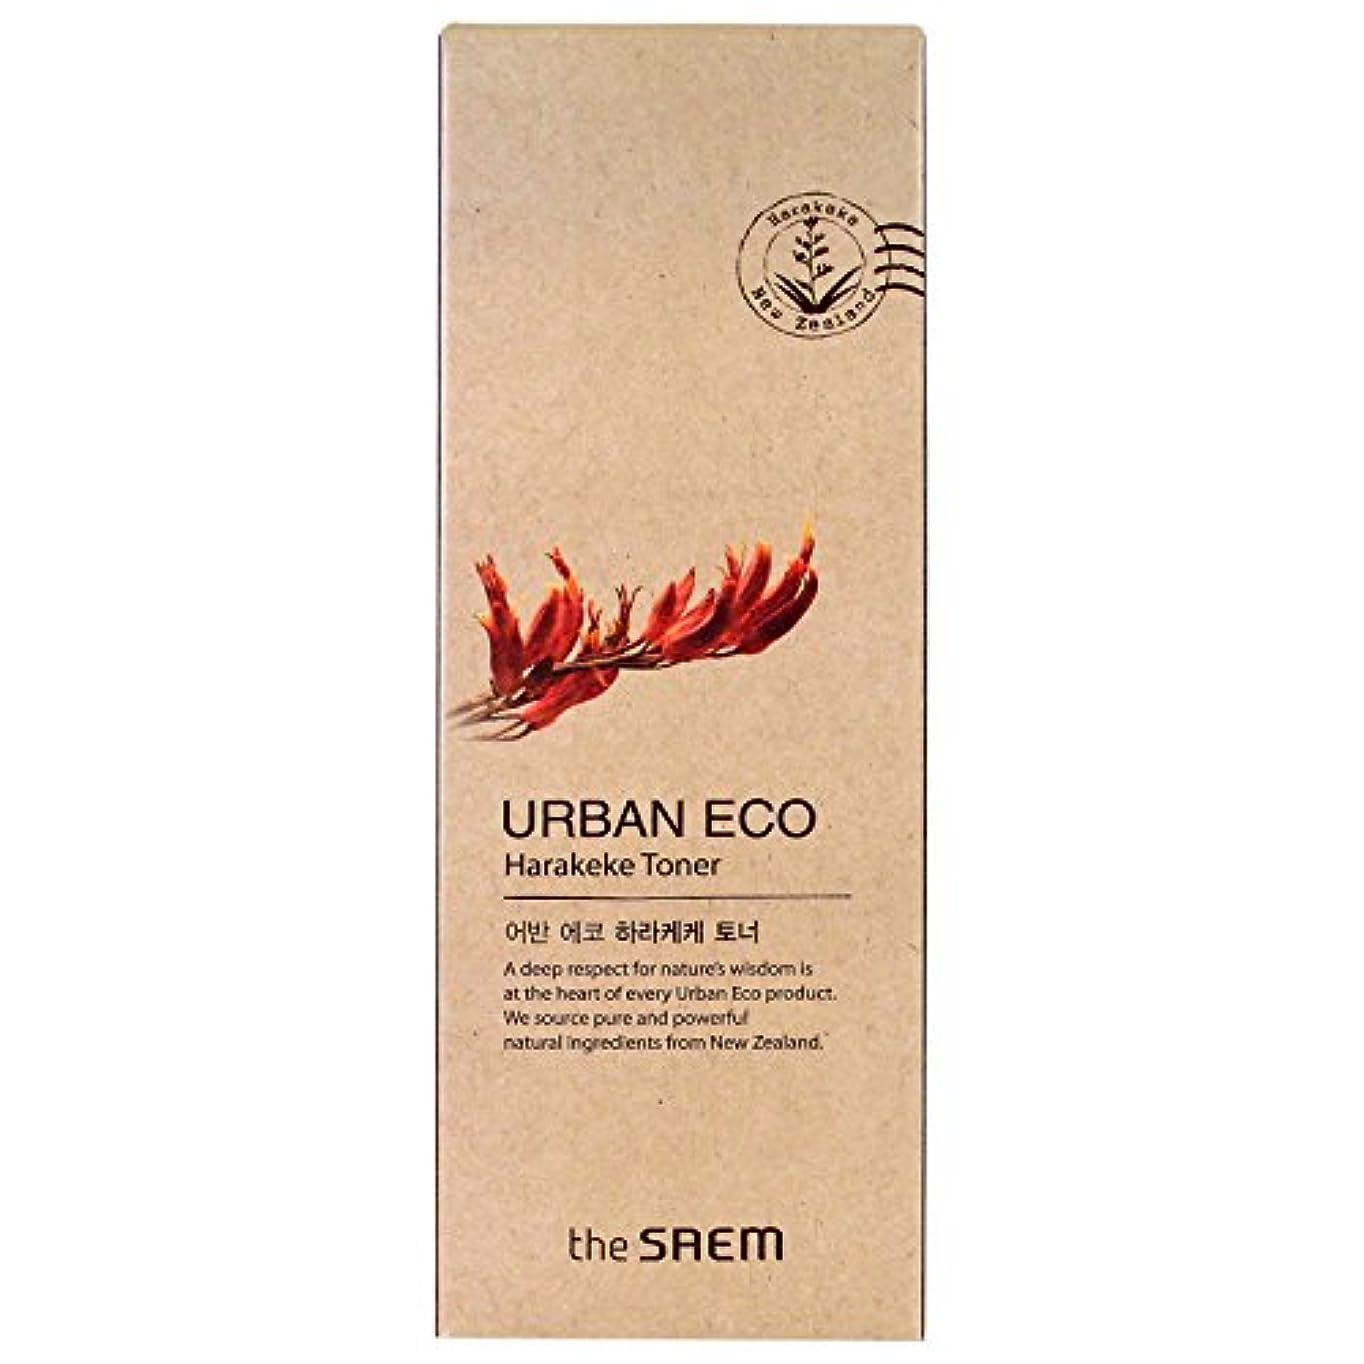 名誉ある邪悪な資本THE SAEM ザセム アーバン エコ ハラケケ トナー Urban Eco Harakeke Toner 180ml 【高保湿 化粧水 韓国コスメ】